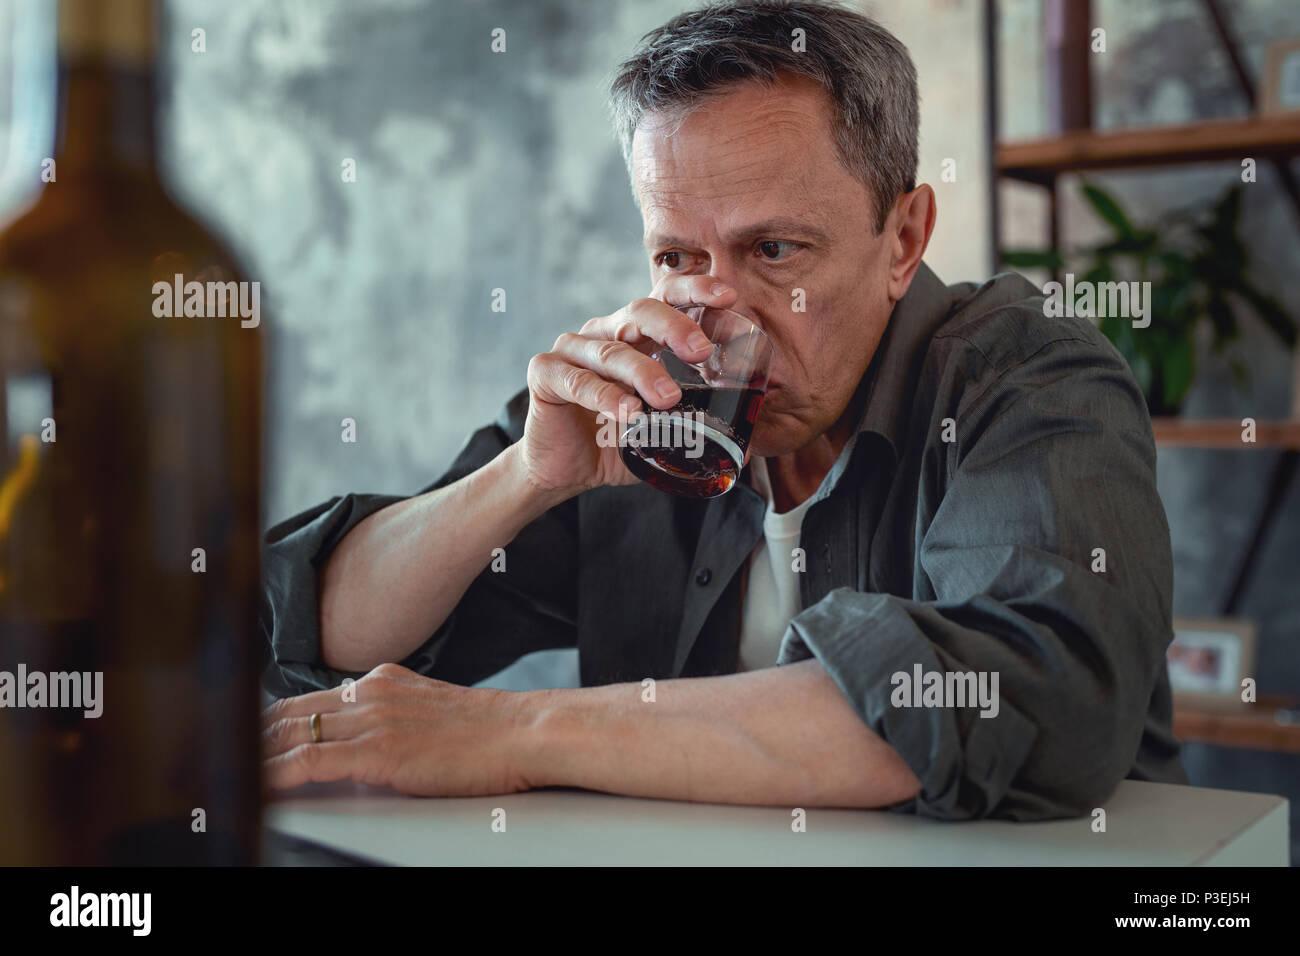 Mature man wearing dark shirt drinking cognac - Stock Image